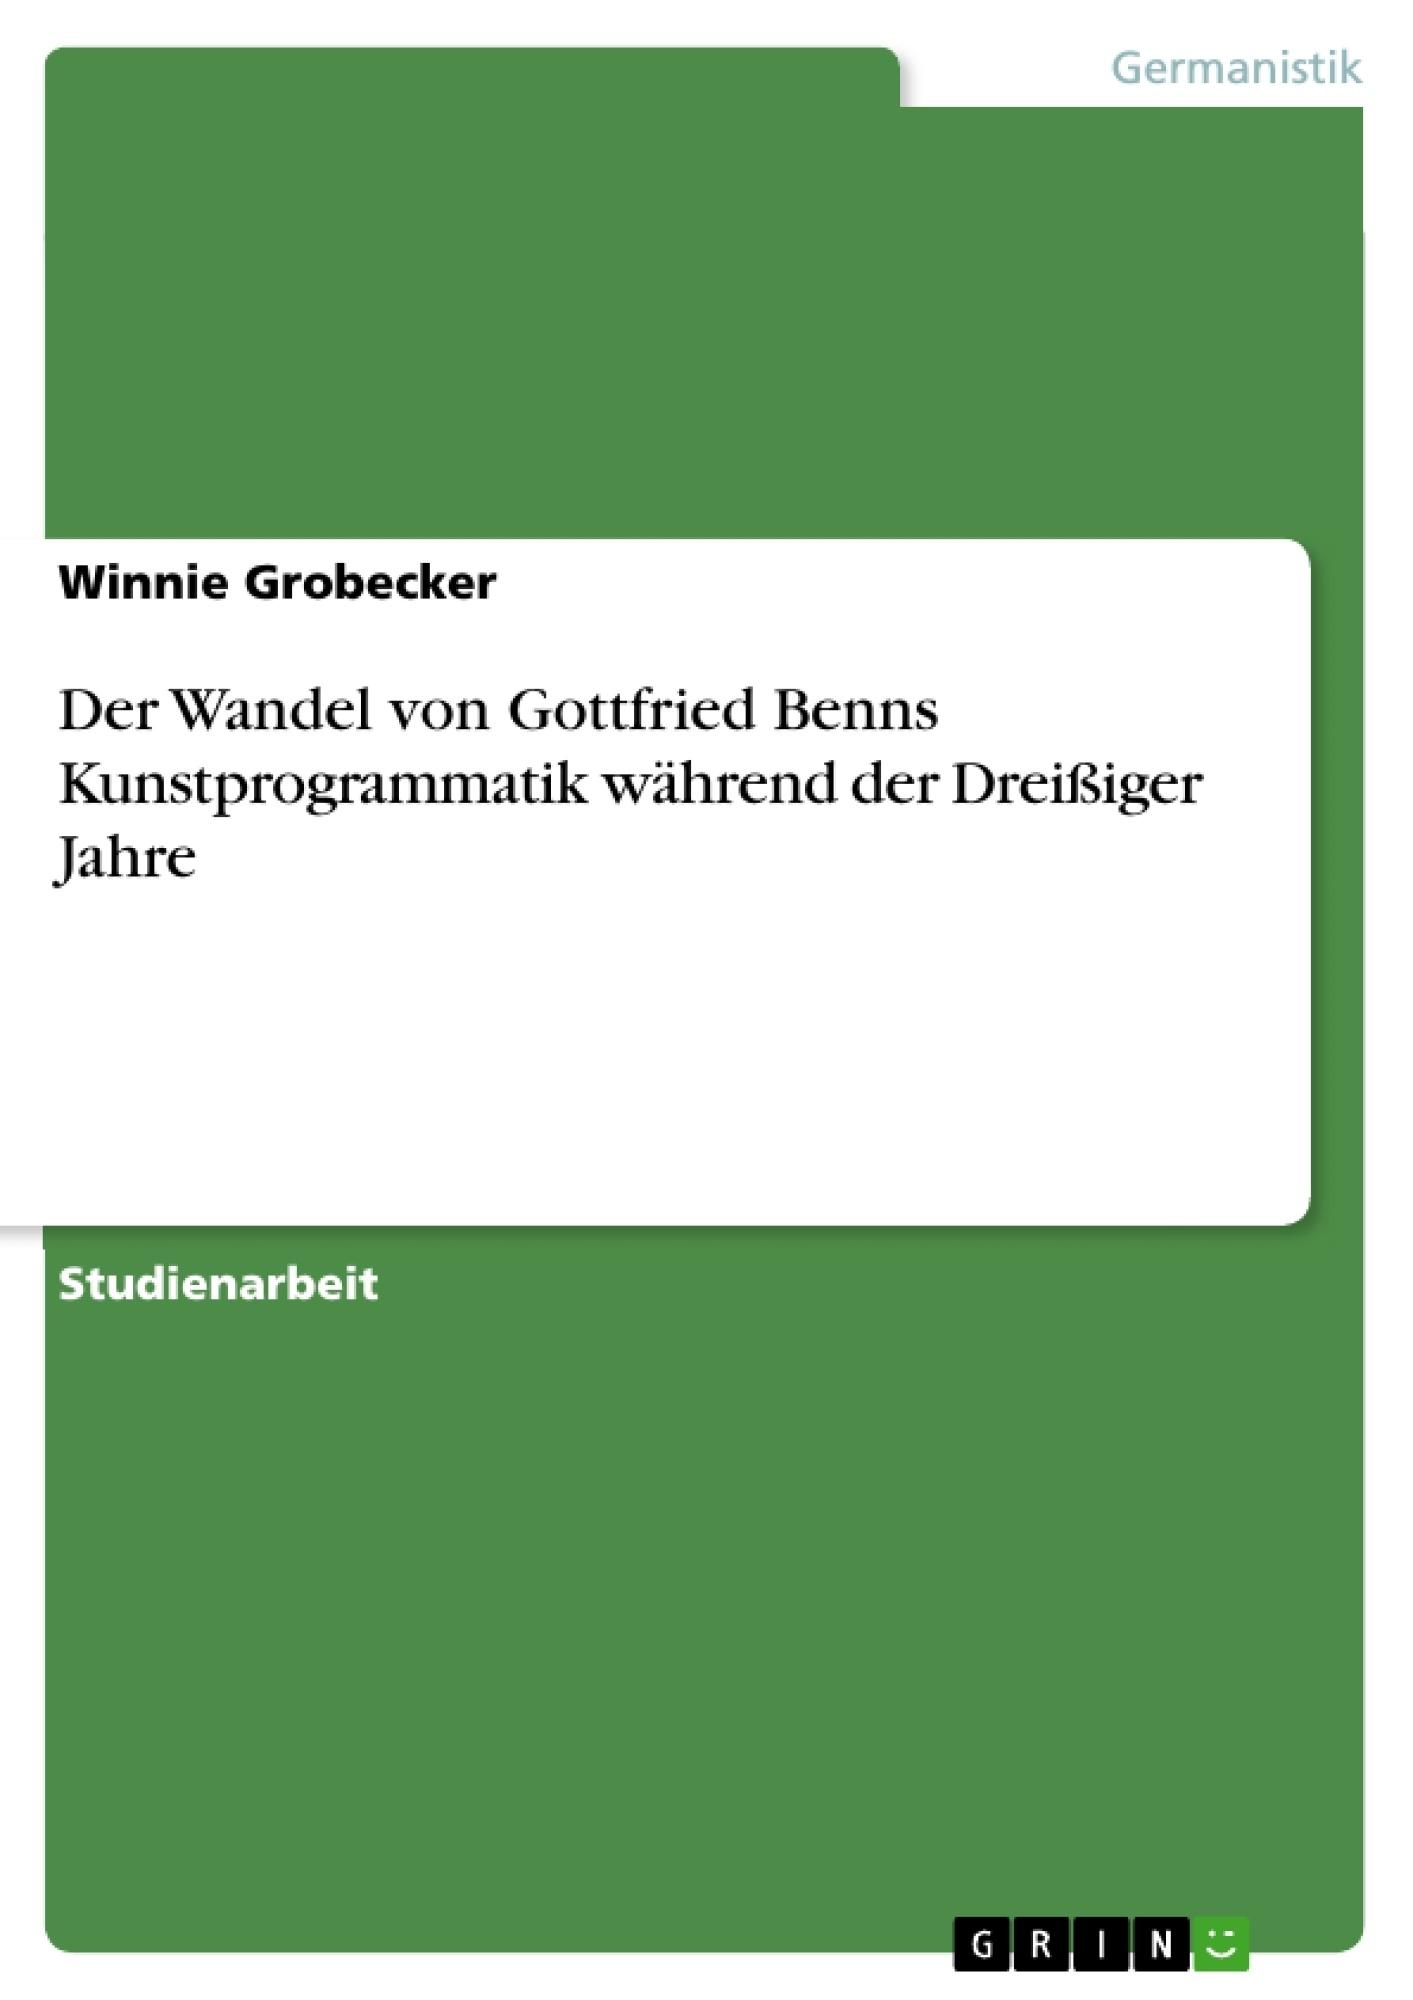 Titel: Der Wandel von Gottfried Benns Kunstprogrammatik während der Dreißiger Jahre